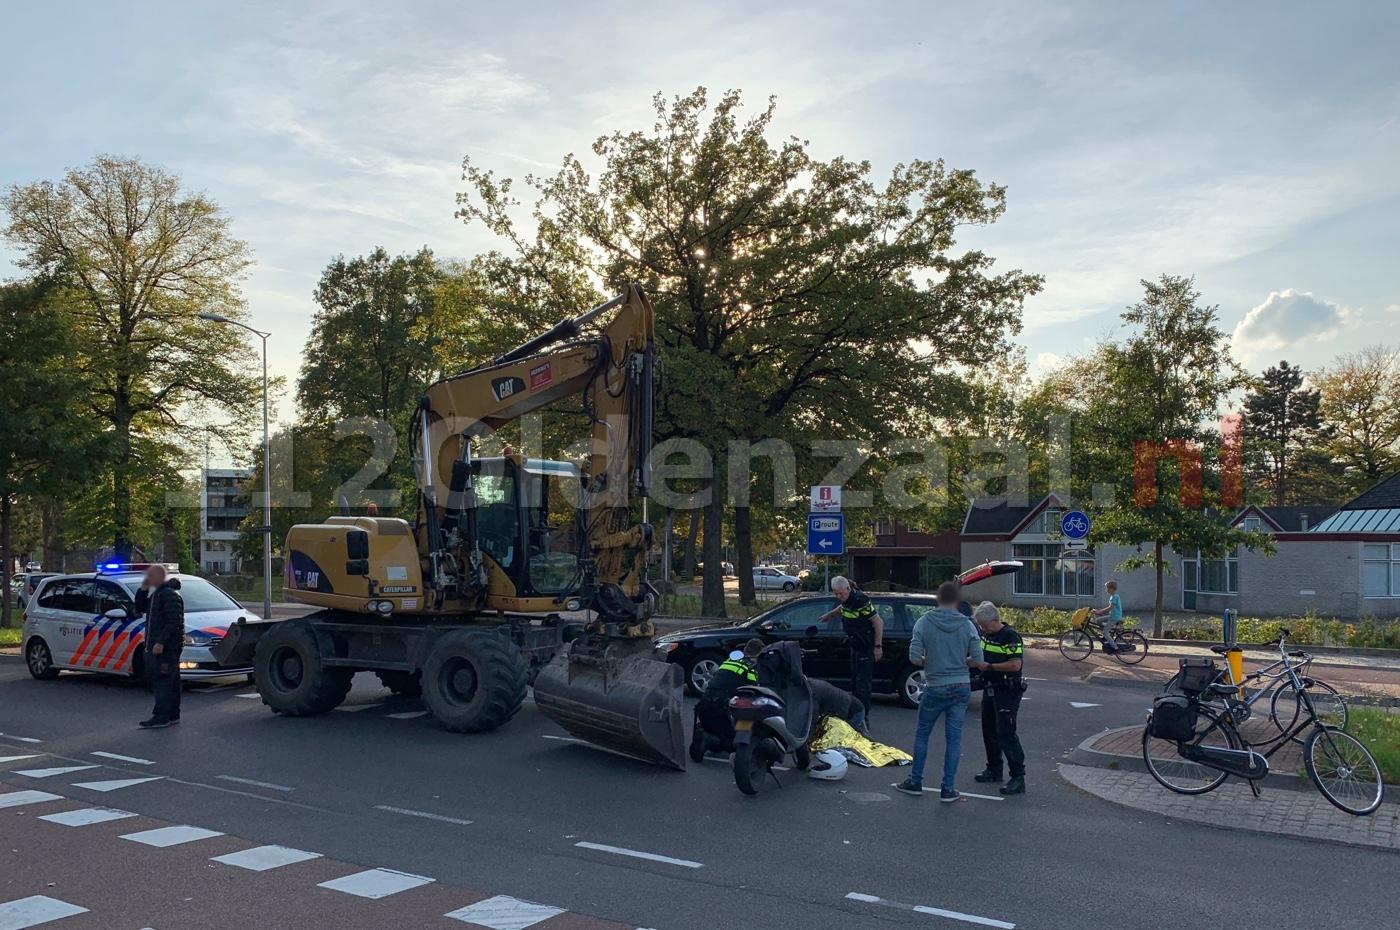 Fietsster gewond naar het ziekenhuis na aanrijding met scooter in Oldenzaal